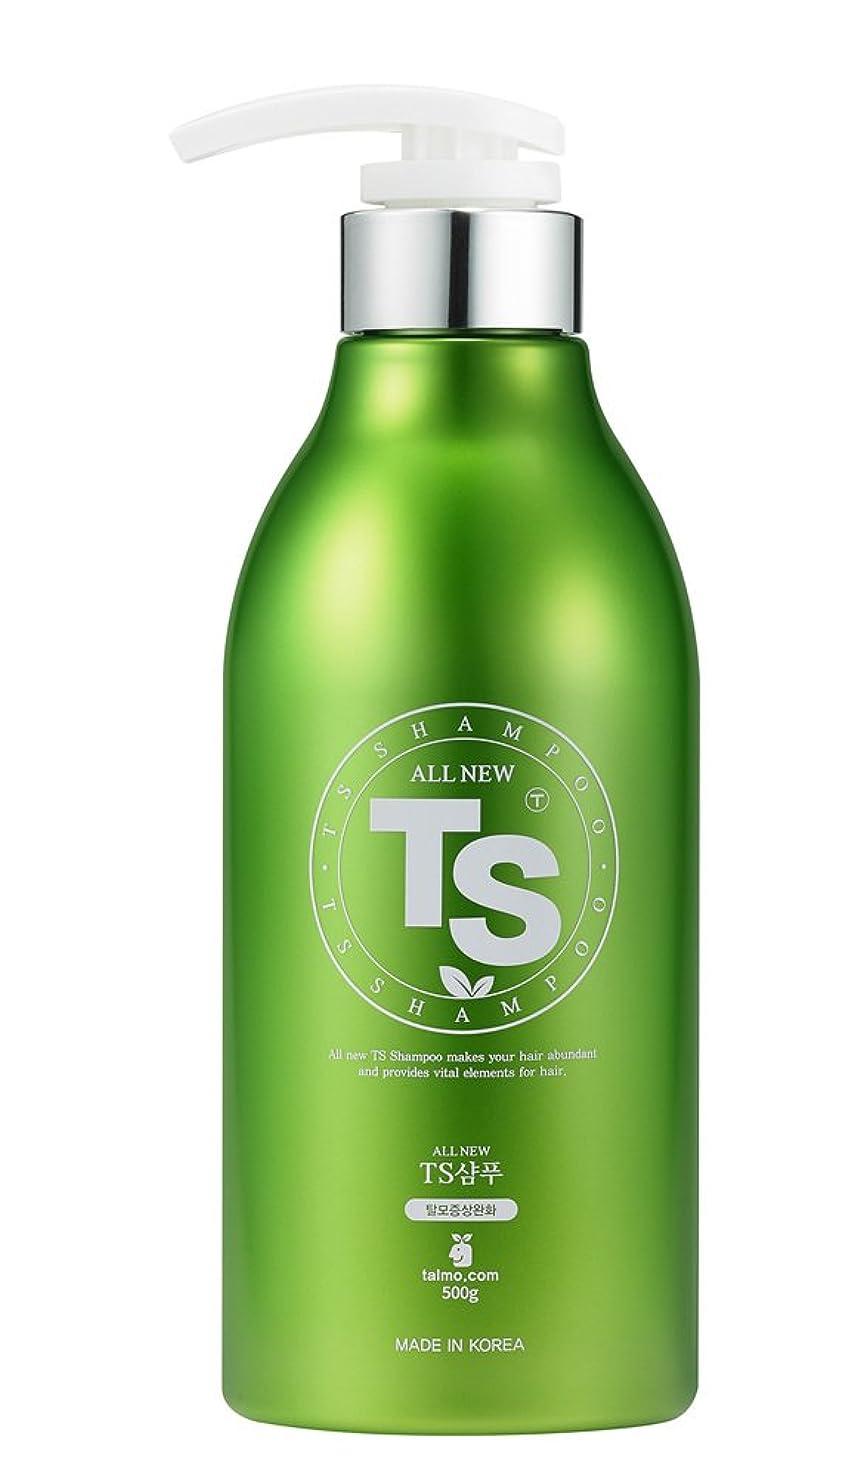 尊厳オーストラリア人減少オールニュー ティーエス シャンプー all new TS Shampoo (500g)